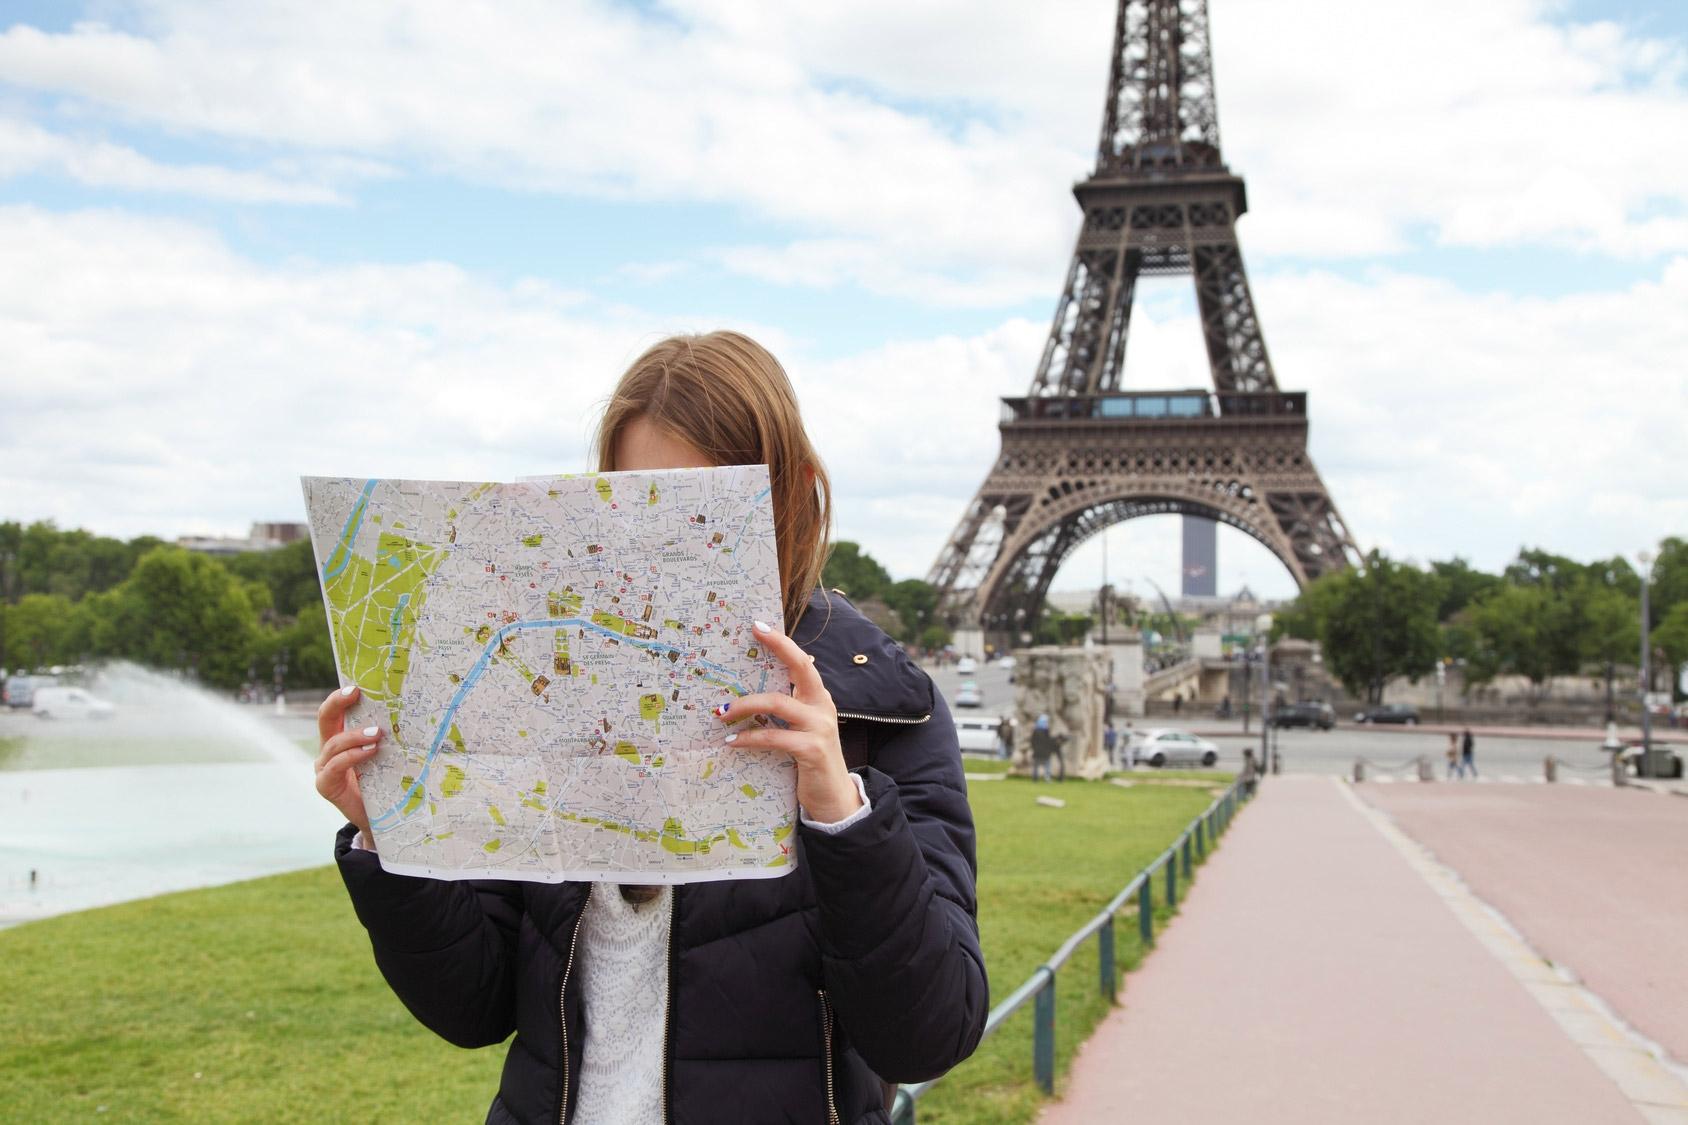 2017 yılında dünya genelinde toplam 1 milyar 323 milyon turist gelişi kaydedilirken, Avrupa 671 milyon turist ağırlayarak bu alanda birinci sıraya yerleşti.